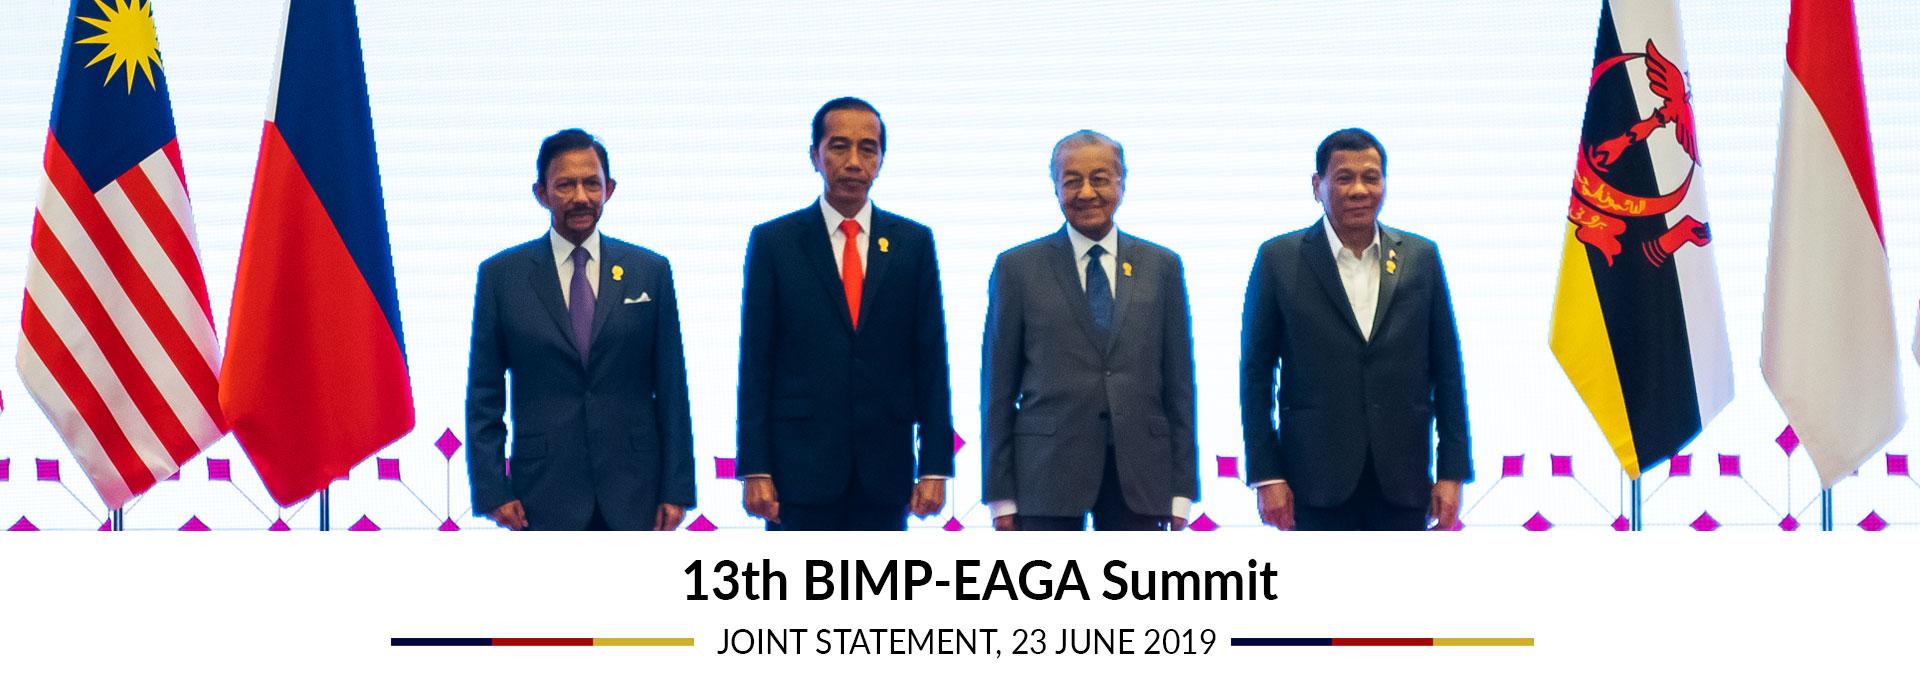 13th BIMP-EAGA Leaders' Summit